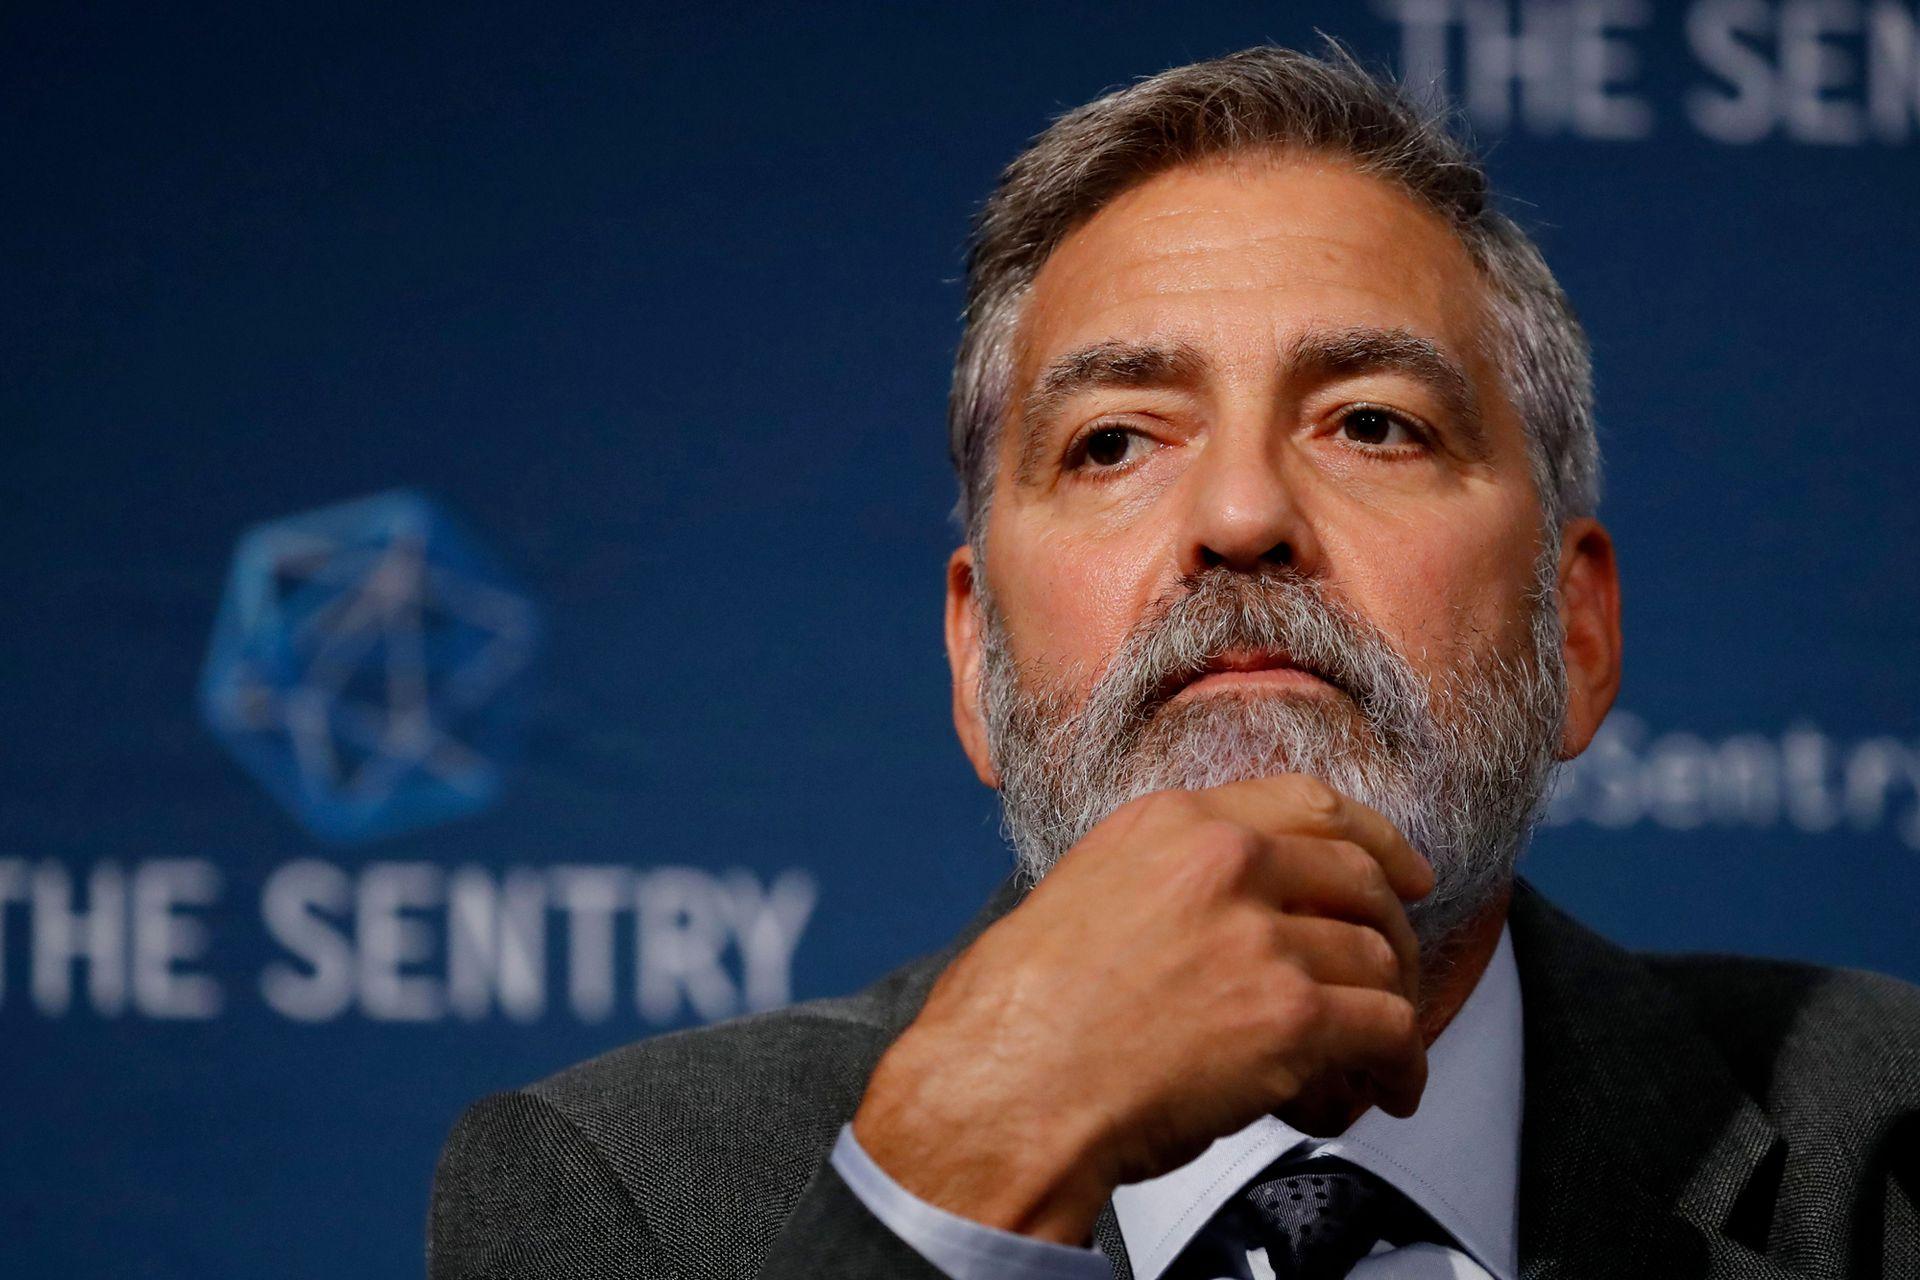 En Londres, George Clooney participó de una conferencia de prensa en la que se presentó un informe acerca de las atrocidades cometidas en el sur de Sudán, África